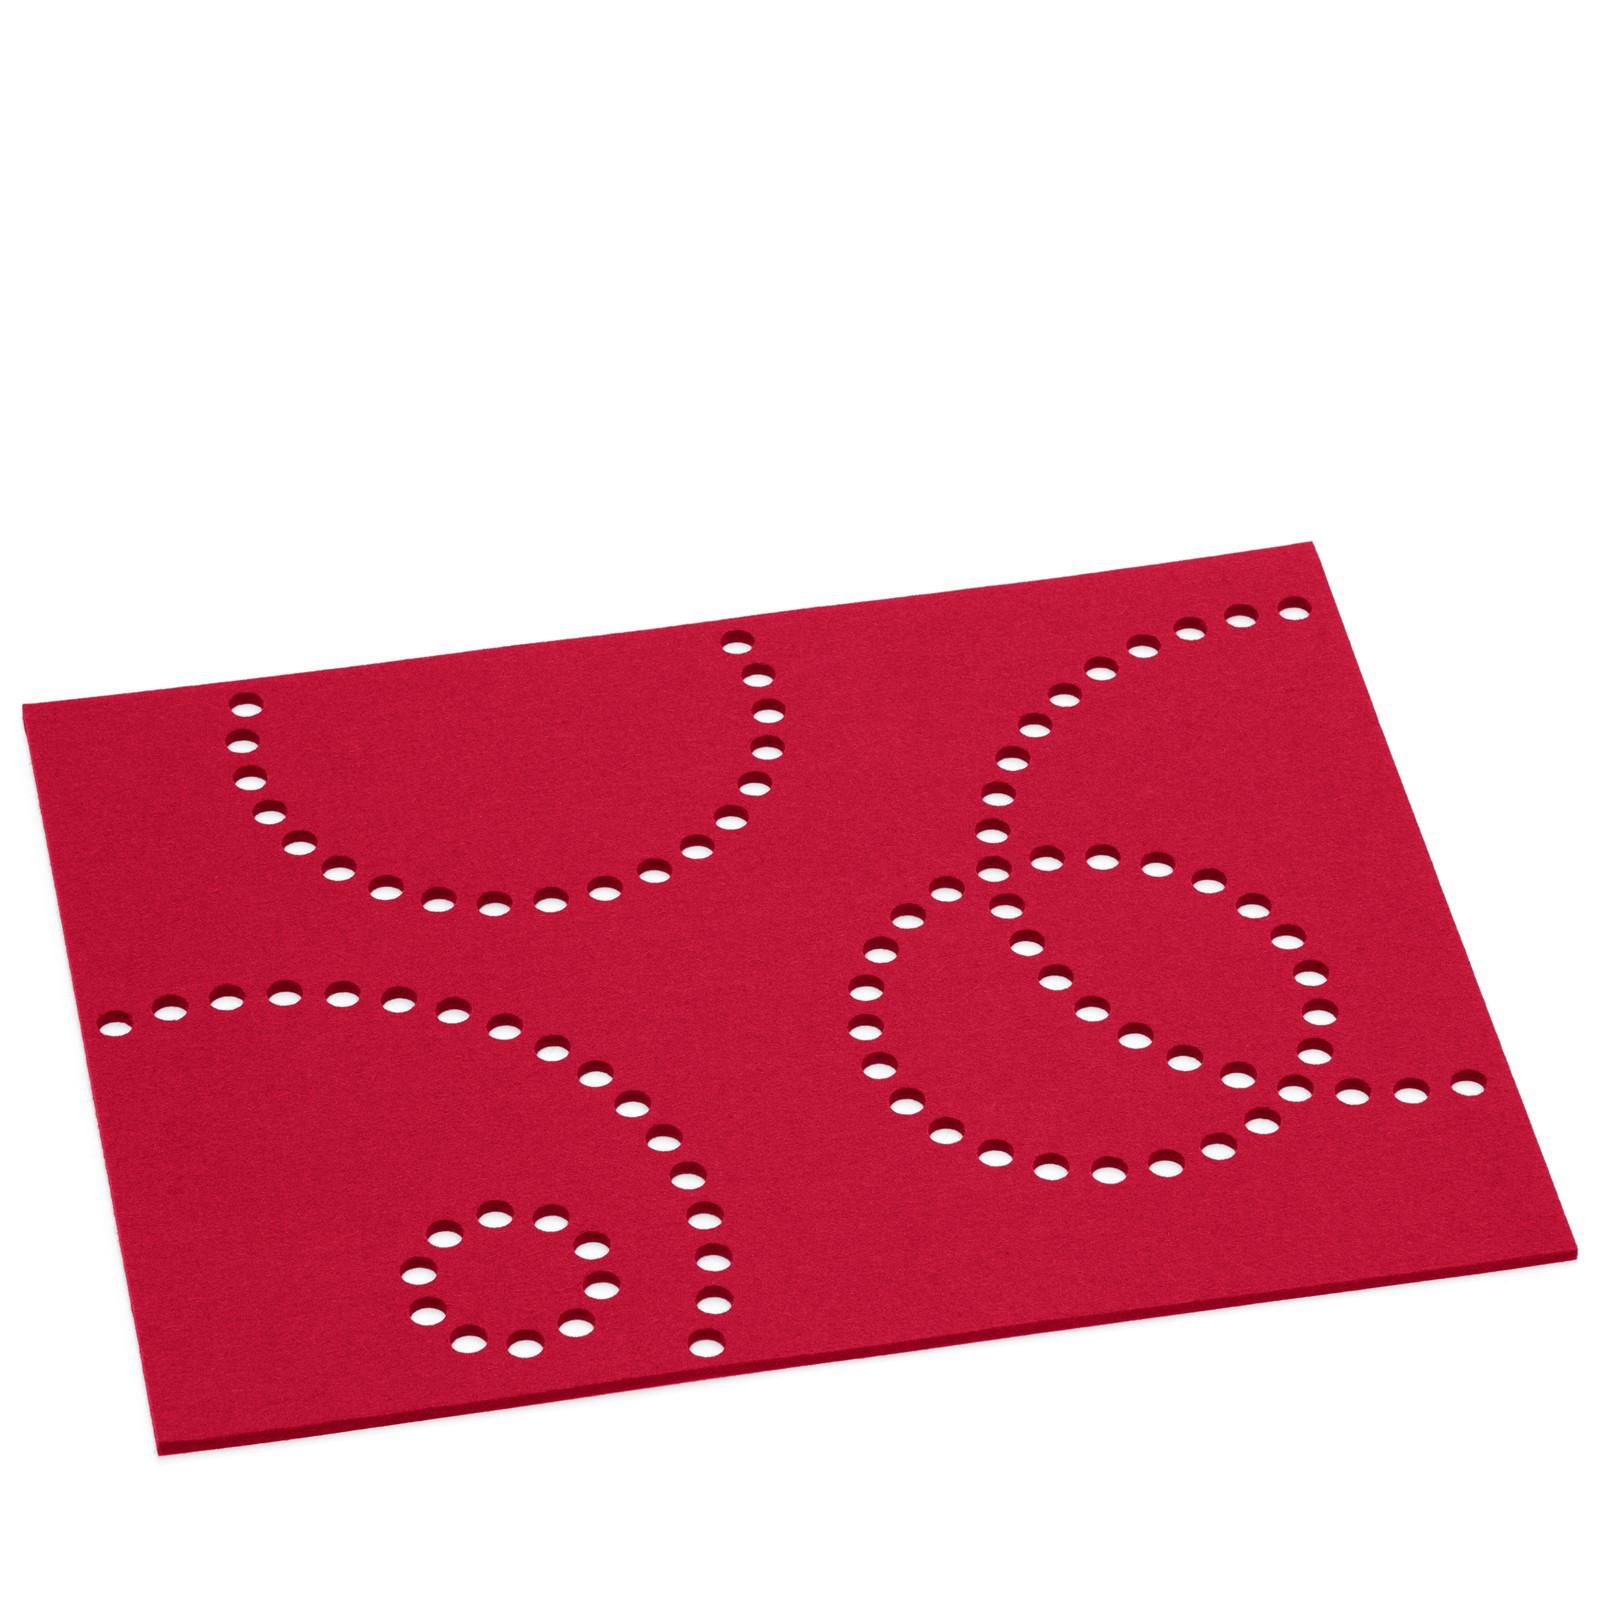 Tischset rechteckig mit lochmuster 8 teilig viele farben for Tischset design